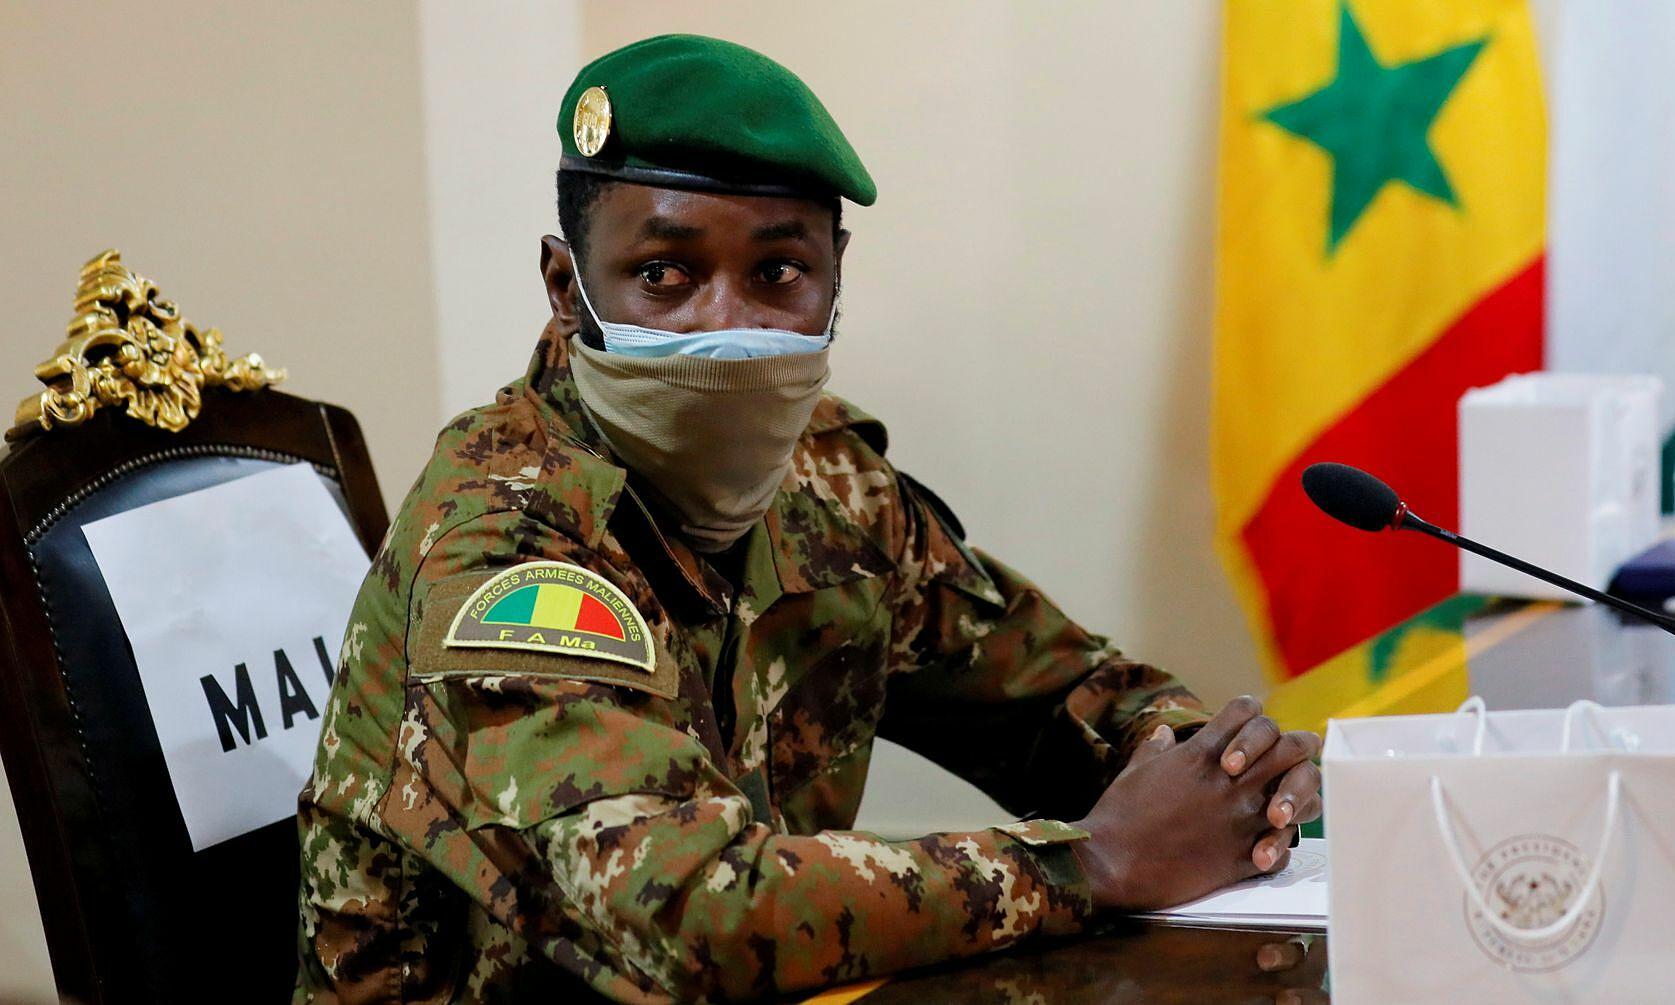 Tổng thống lâm thời Mali Assimi Goita dự cuộc hợp tham vấn ECOWAS vào tháng 9/2020. Ảnh: Reuters.